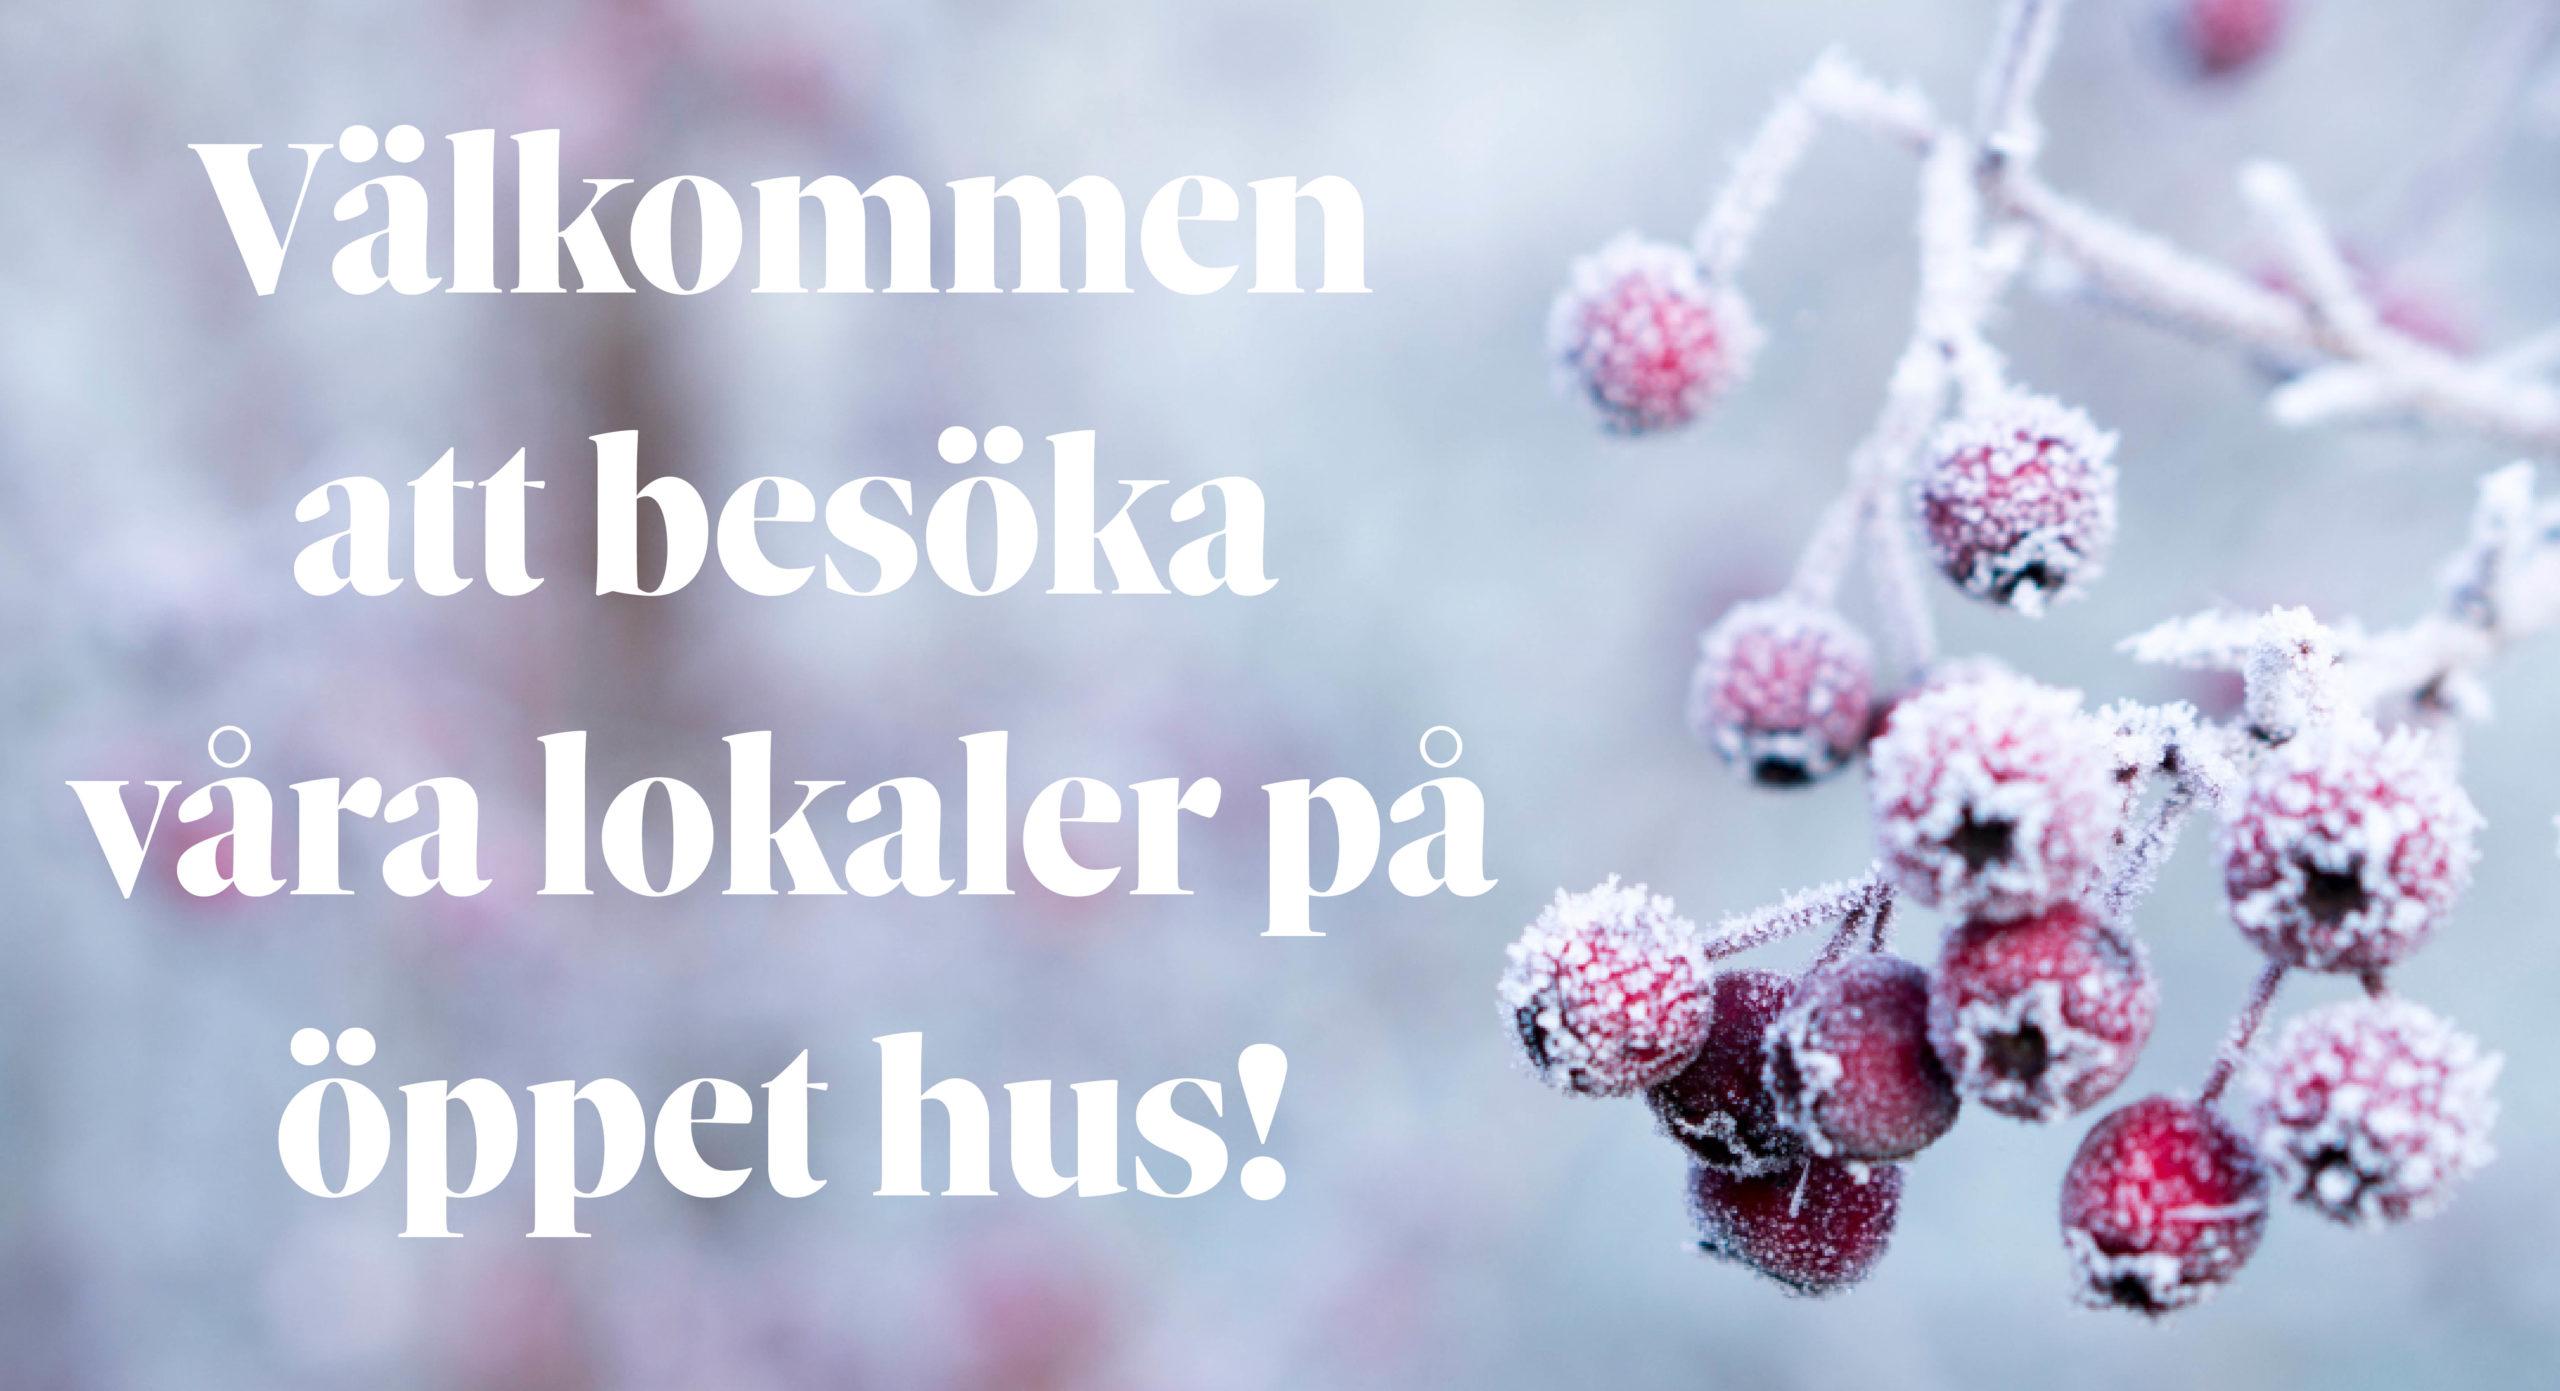 Välkommen på öppet hus i Örebro!